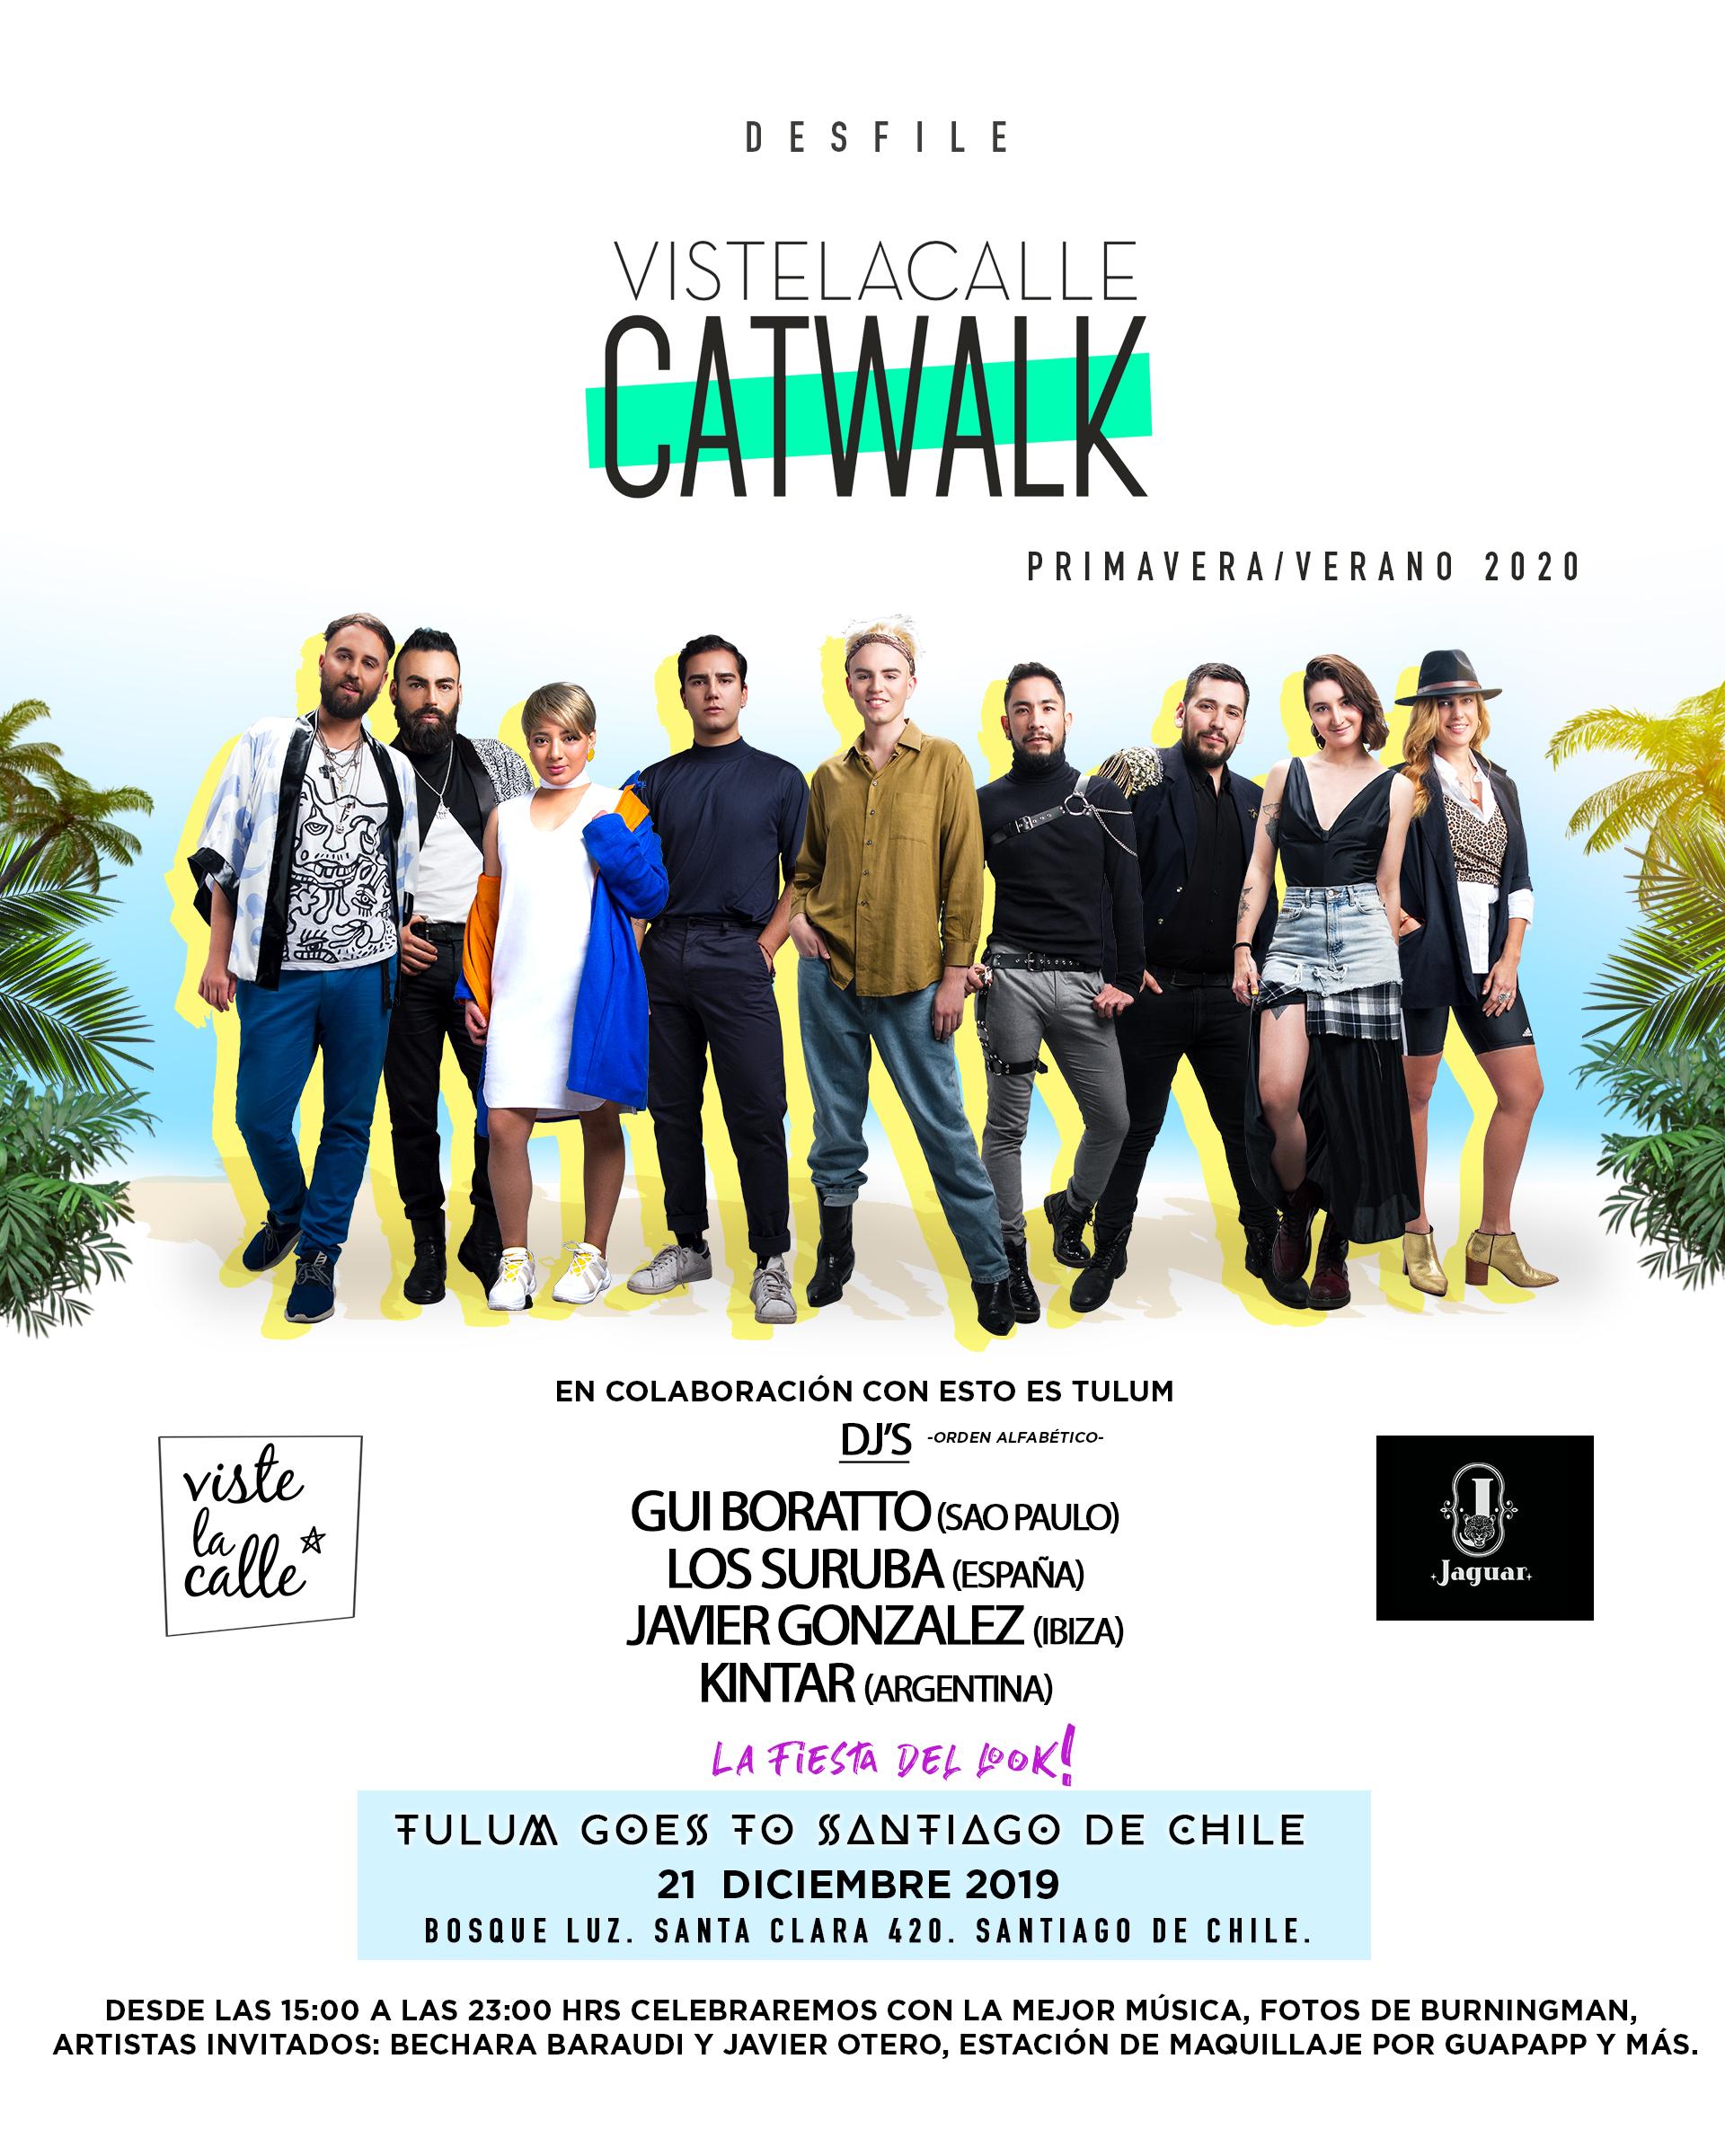 VisteLaCalle Catwalk S/S 2020: el desfile que presentará a la nueva generación de diseñadores chilenos